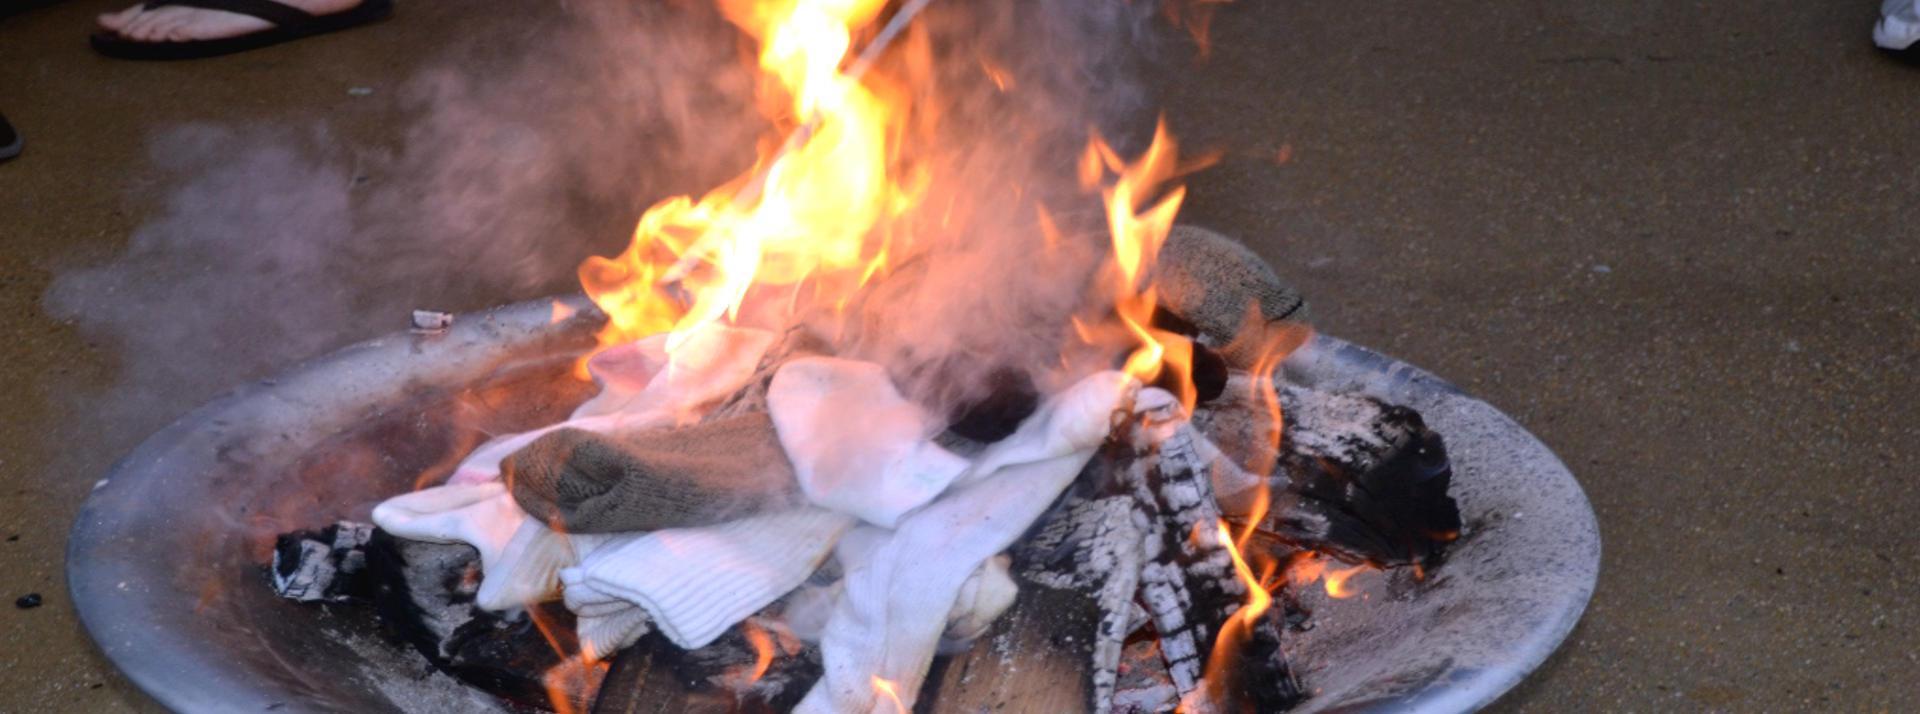 Annual Sock Burning